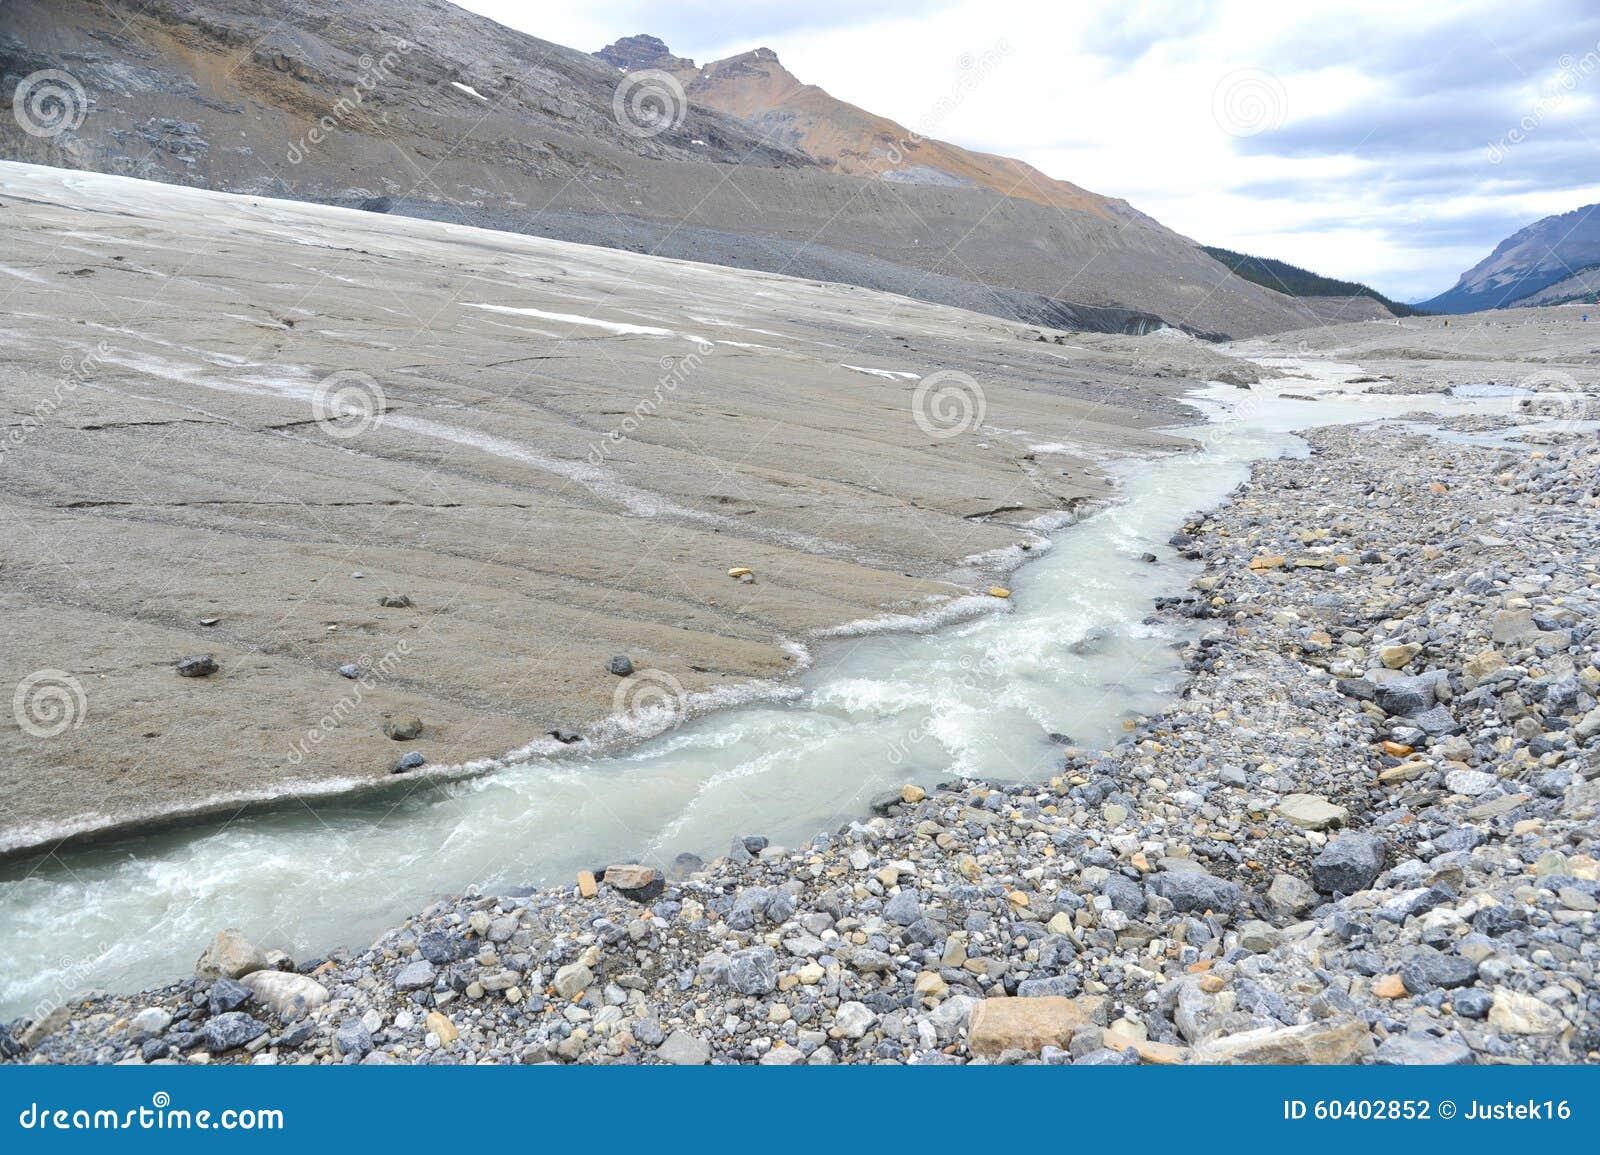 Athabasca冰川边缘